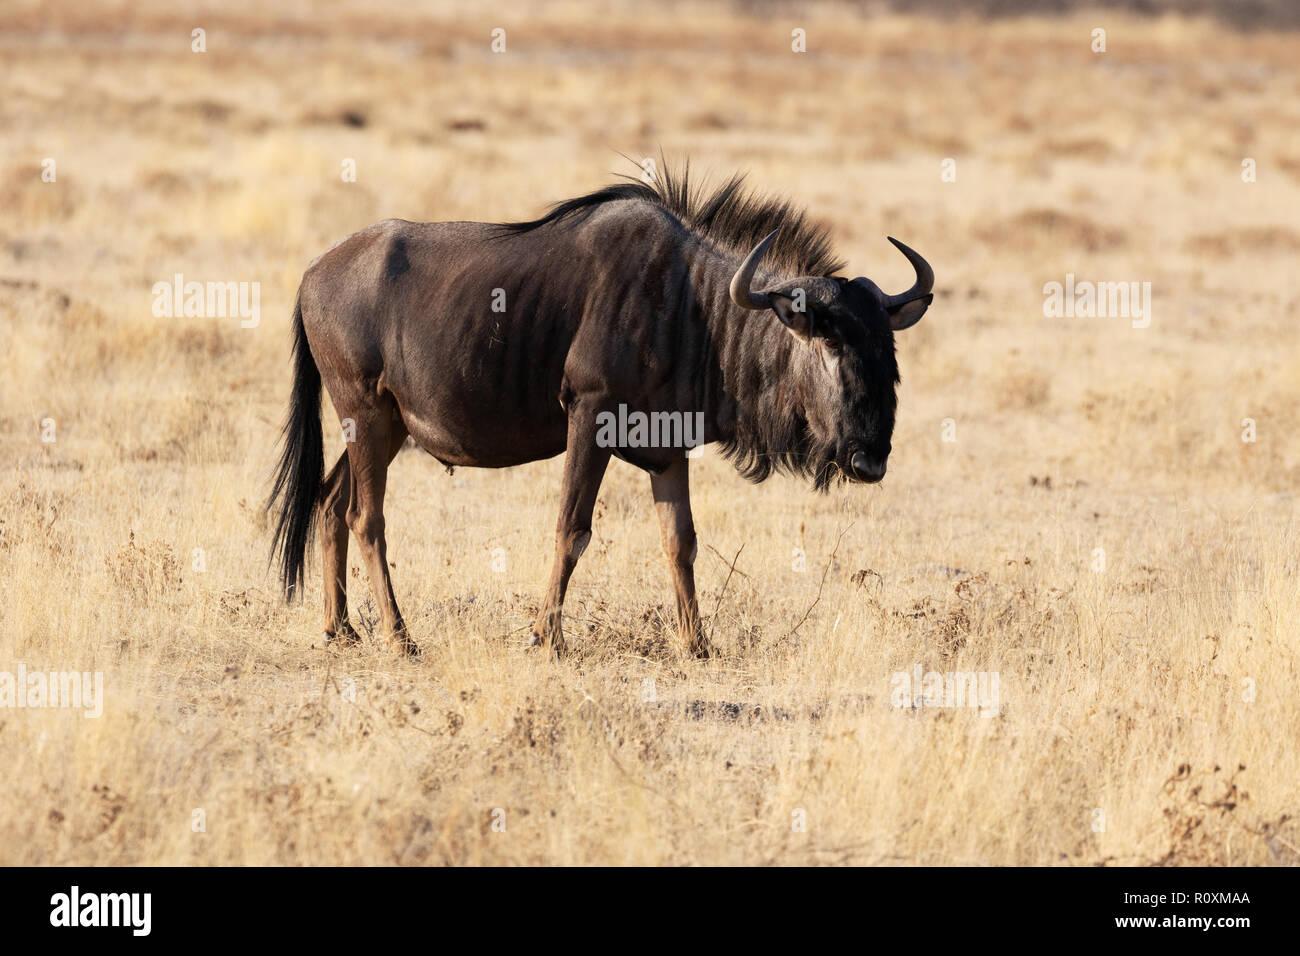 Blue Wildebeest ( Connochaetes taurinus ), or Brindled Gnu, Etosha national park, Namibia Africa - Stock Image